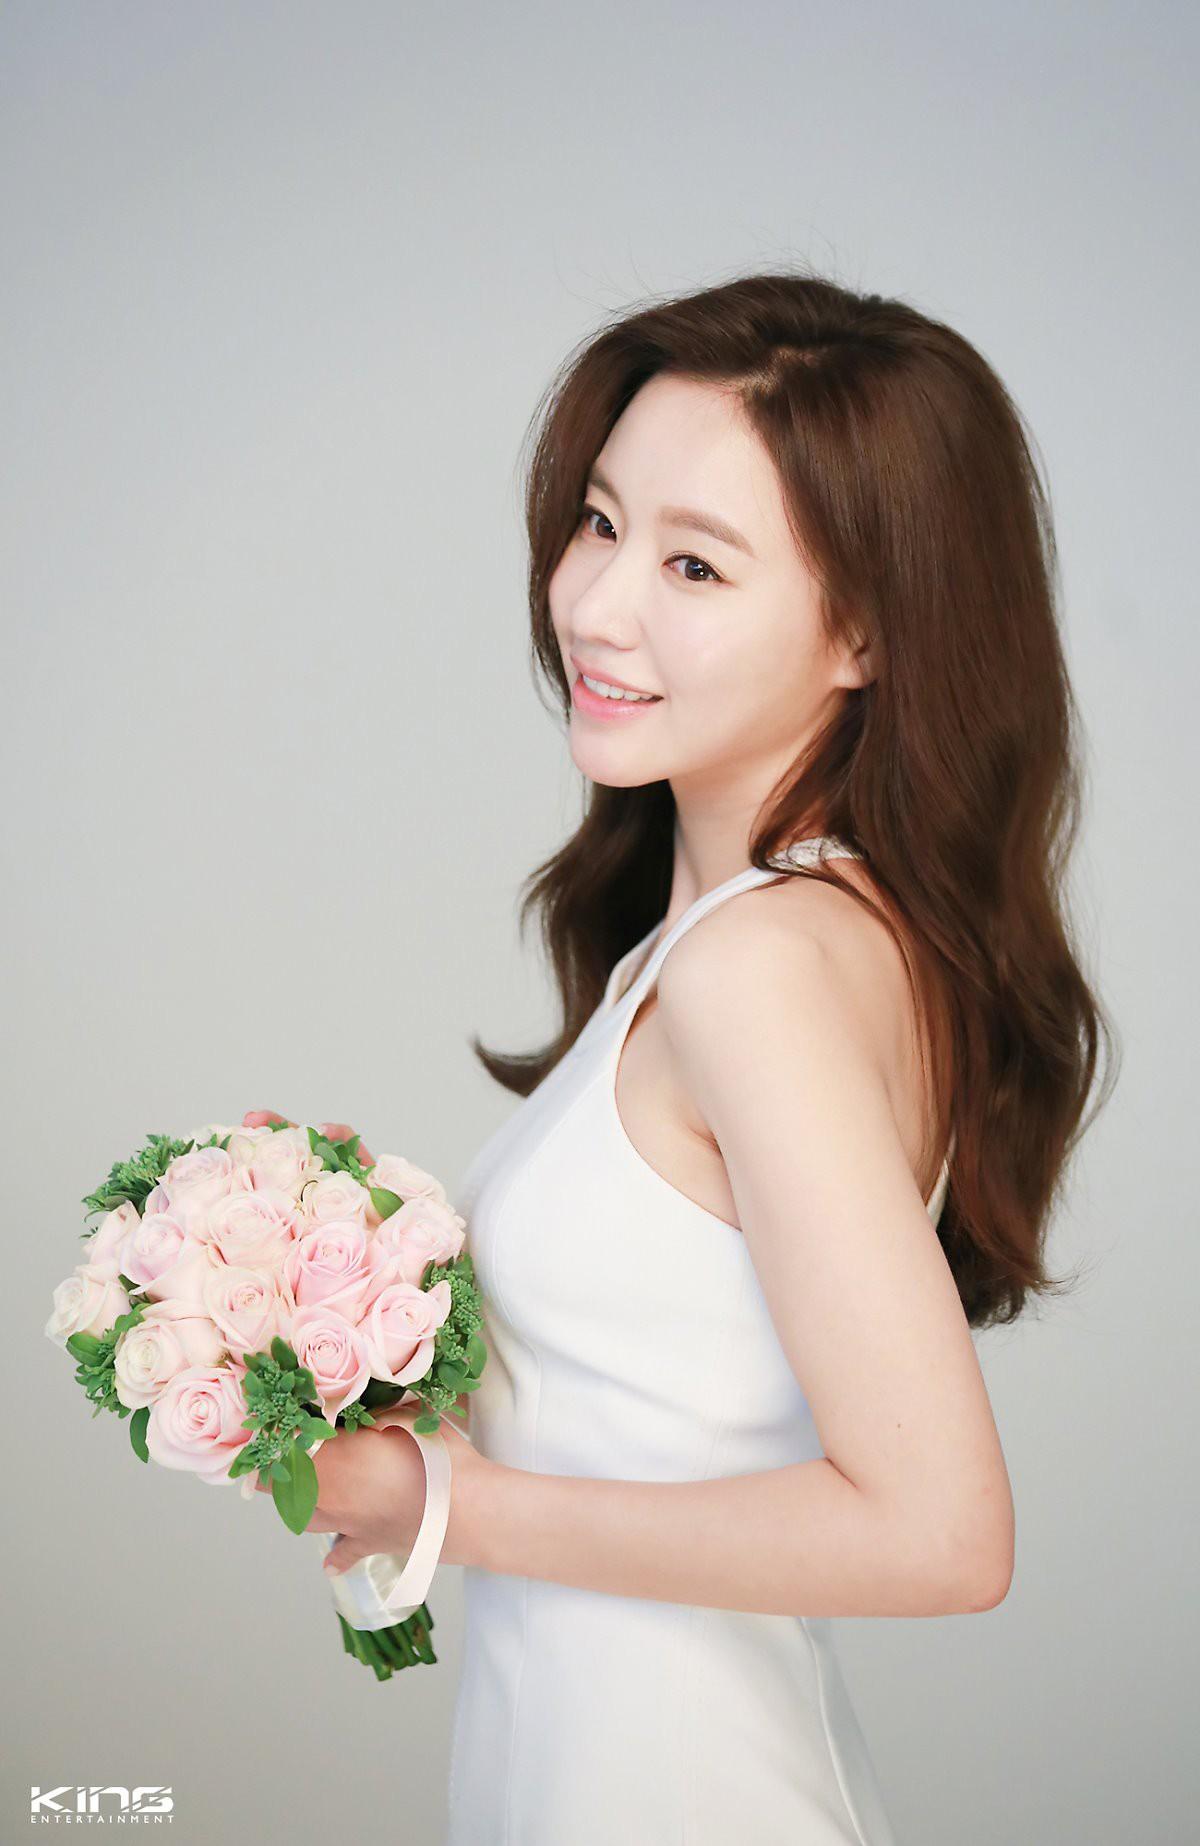 Chùm ảnh hậu trường gây sốt của mỹ nhân Sắc đẹp ngàn cân: U40 vẫn trẻ đẹp khó tin, chẳng thua gì Park Min Young - Ảnh 8.